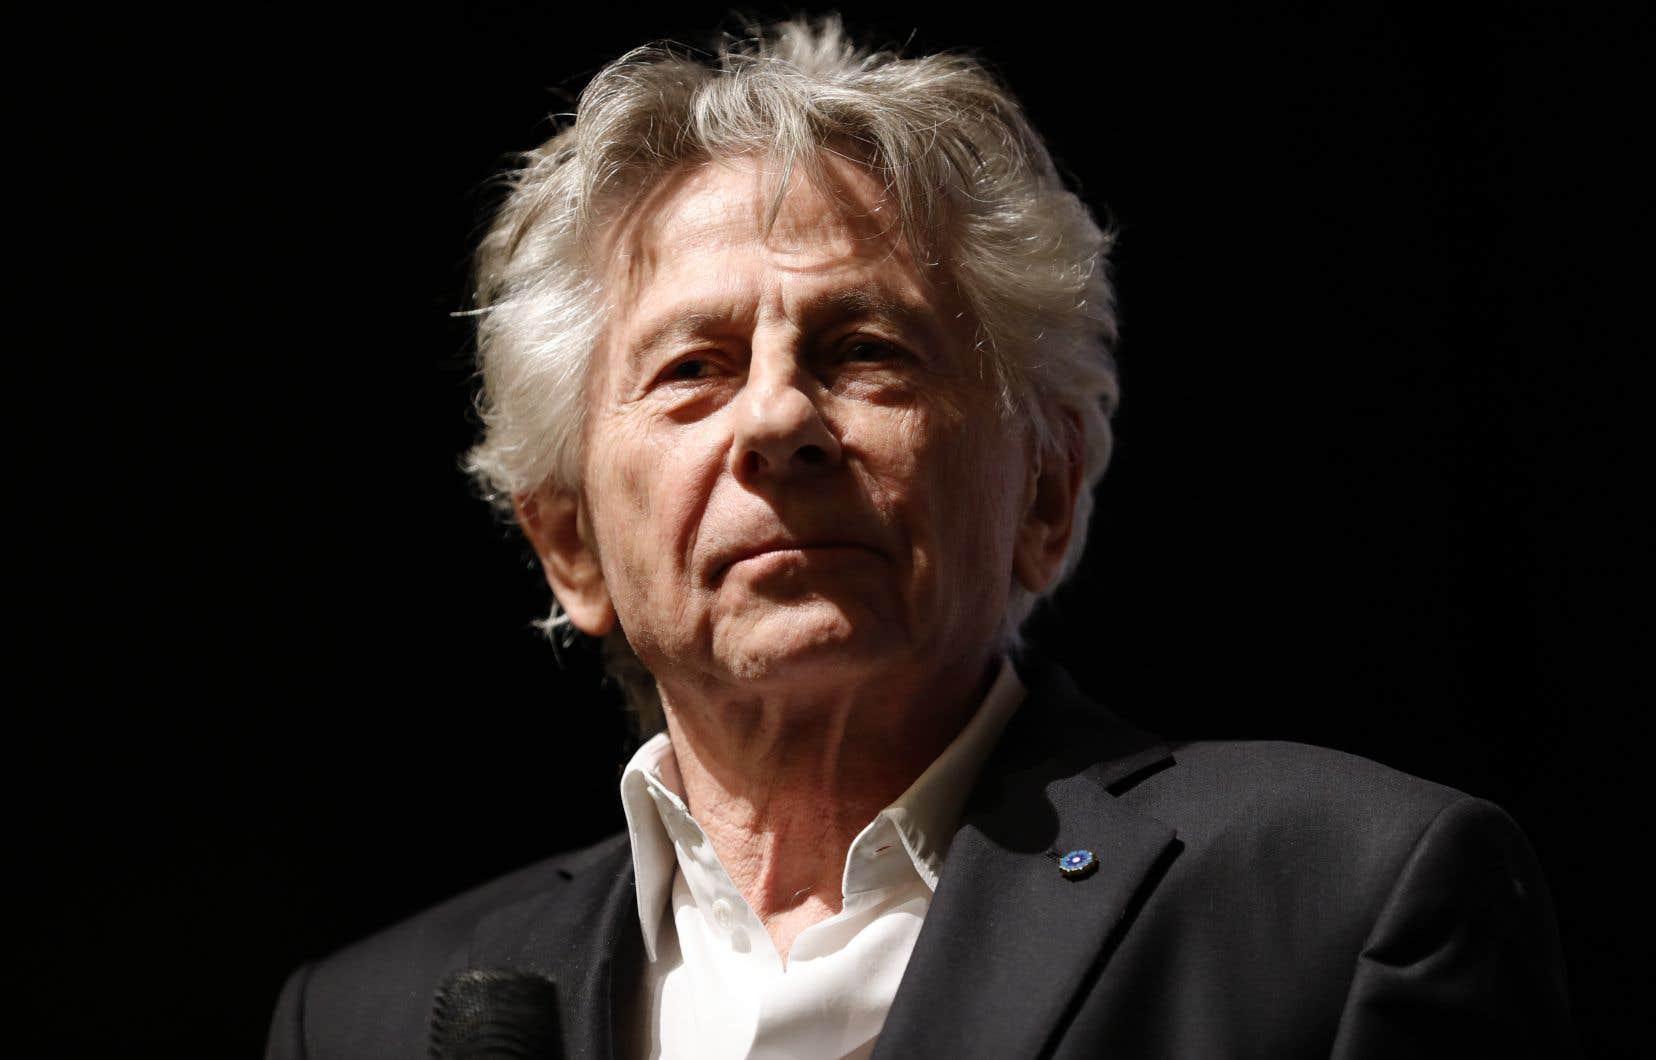 Le réalisateur franco-polonais, Roman Polanski, a toujours trouvé des soutiens en France depuis qu'il a fui les États-Unis en 1978, sous le coup de poursuites dans une procédure de détournement de mineure.